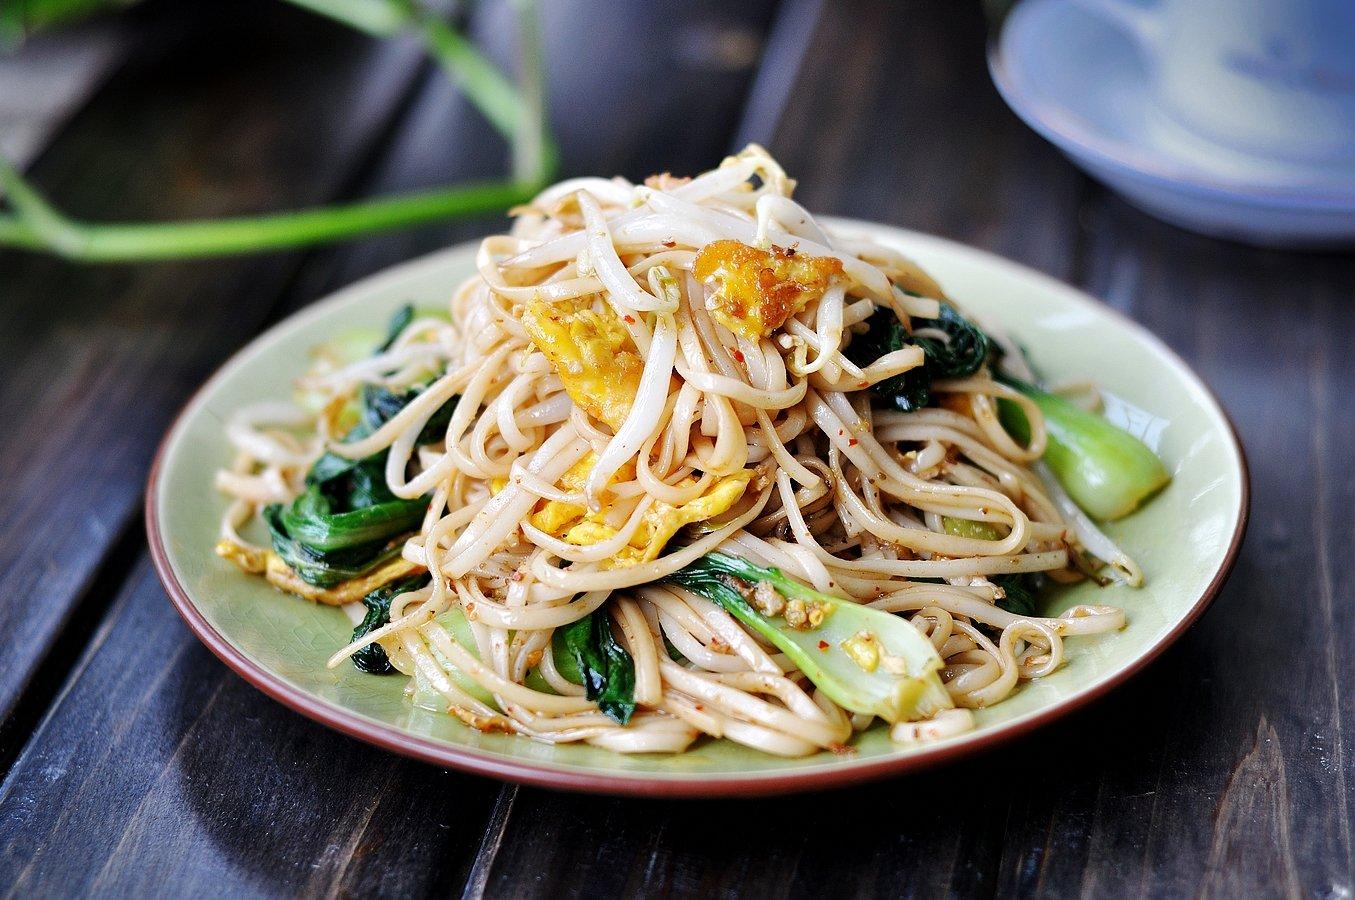 蔬菜炒面香喷喷,当菜又当饭,干面条也能做